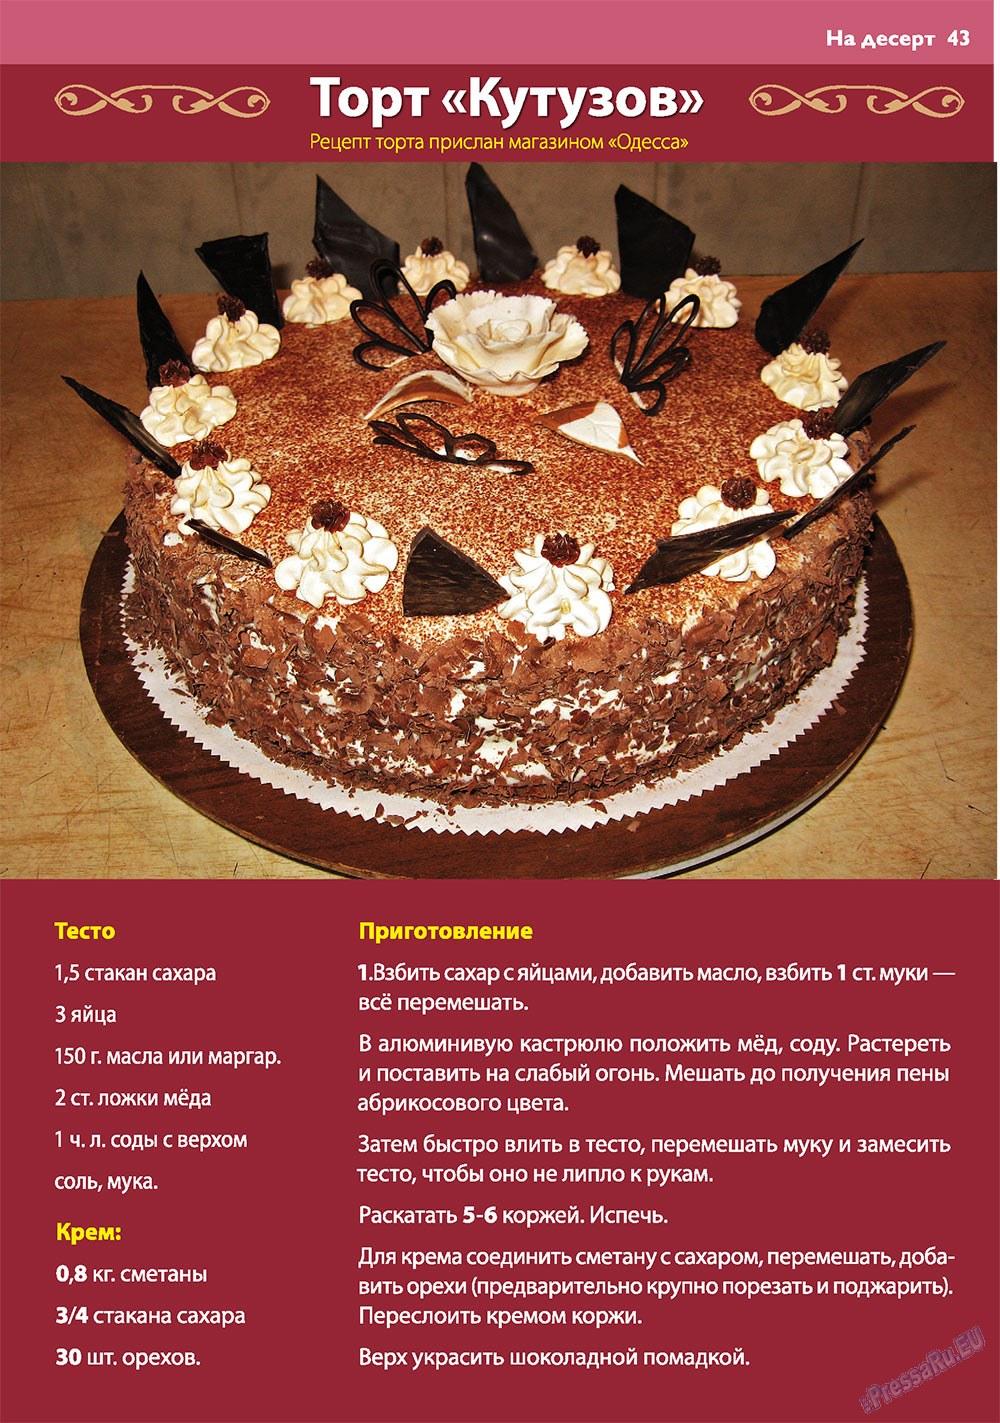 Апельсин (журнал). 2010 год, номер 17, стр. 43